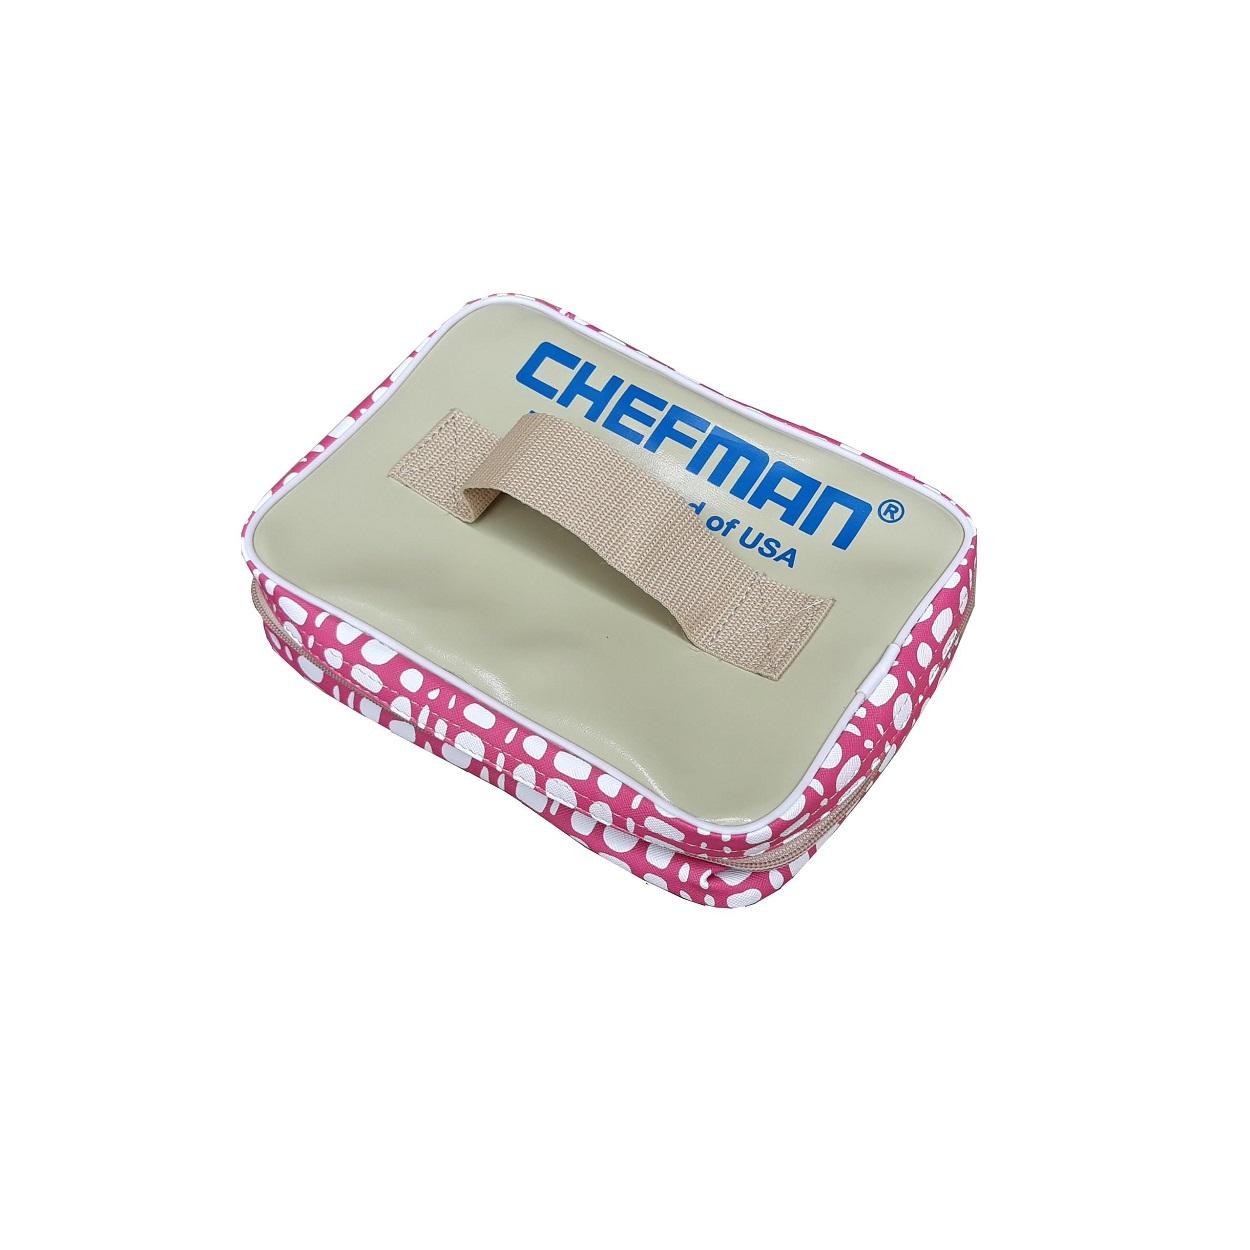 Túi đựng hộp cơm chefman - giao màu ngẫu nhiên